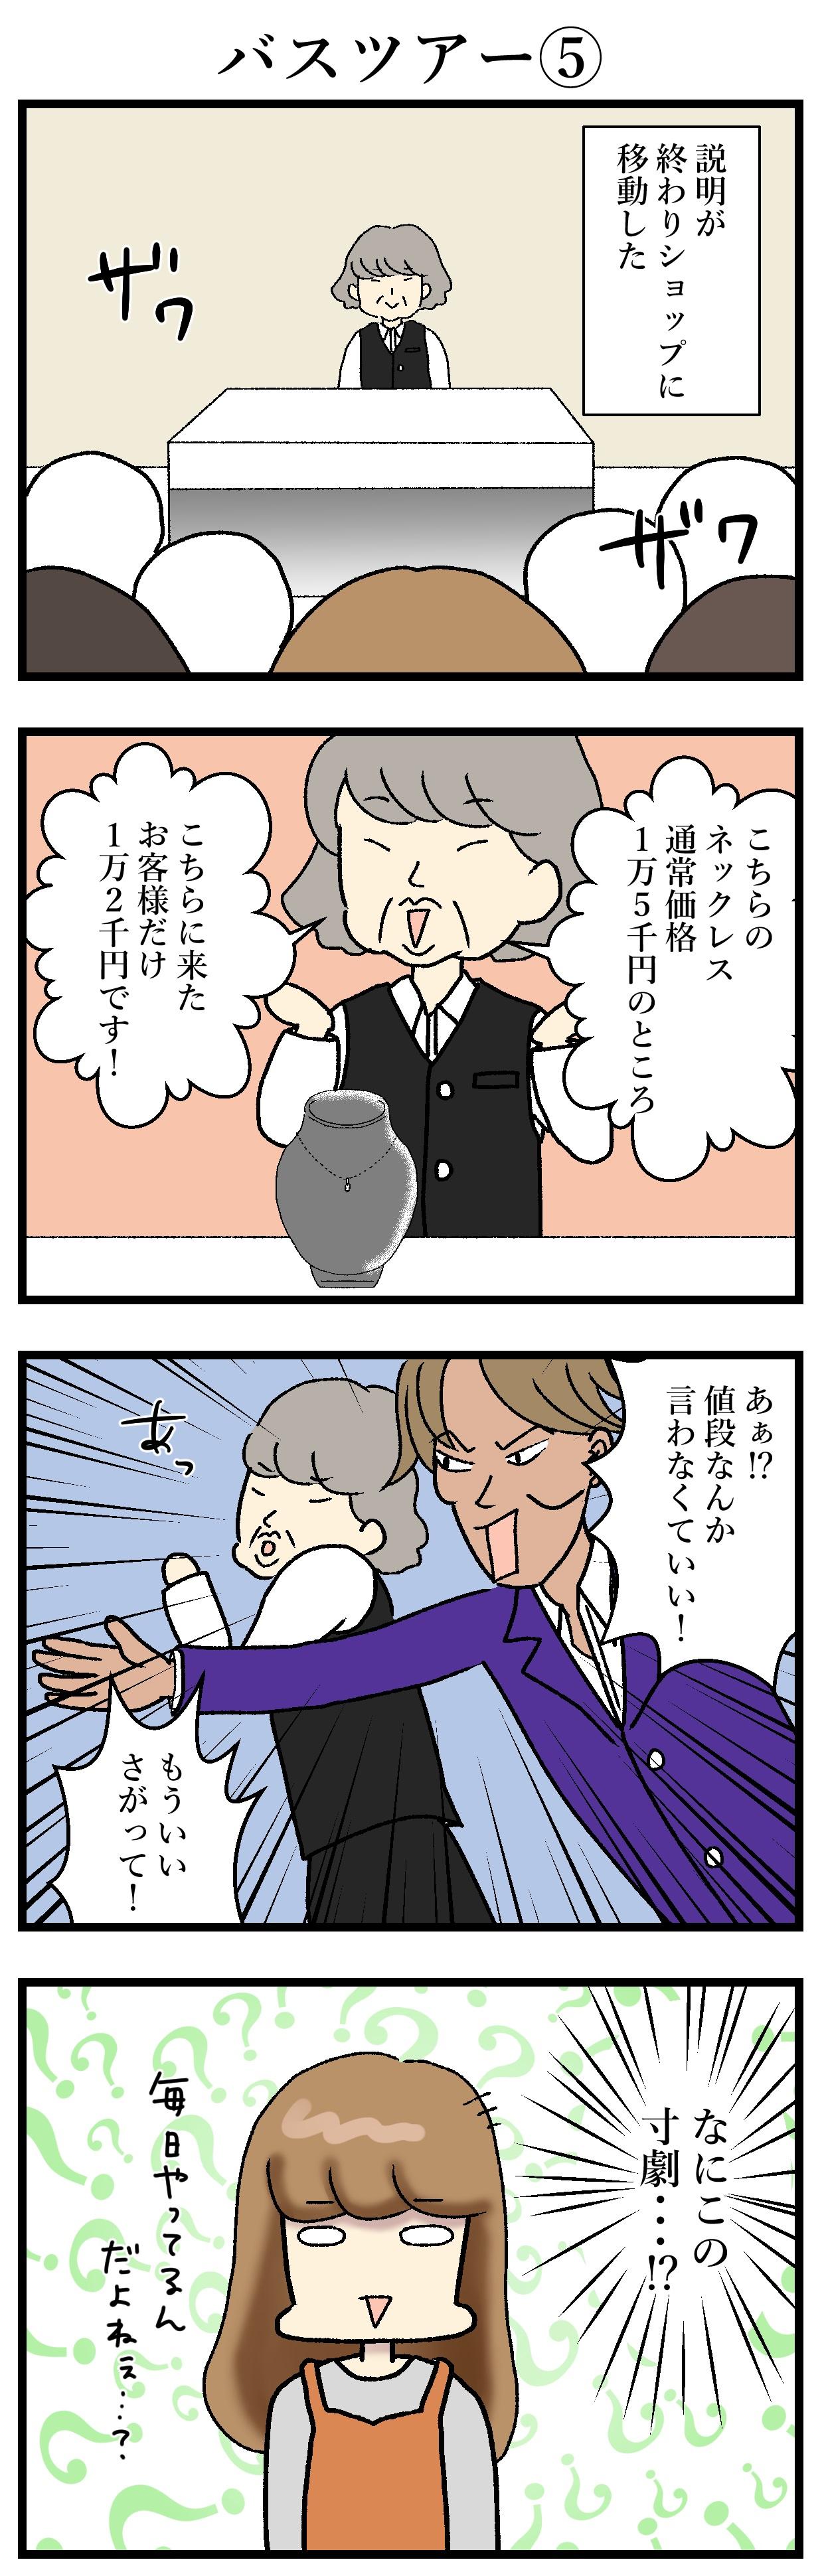 【エッセイ漫画】アラサー主婦くま子のふがいない日常(59)